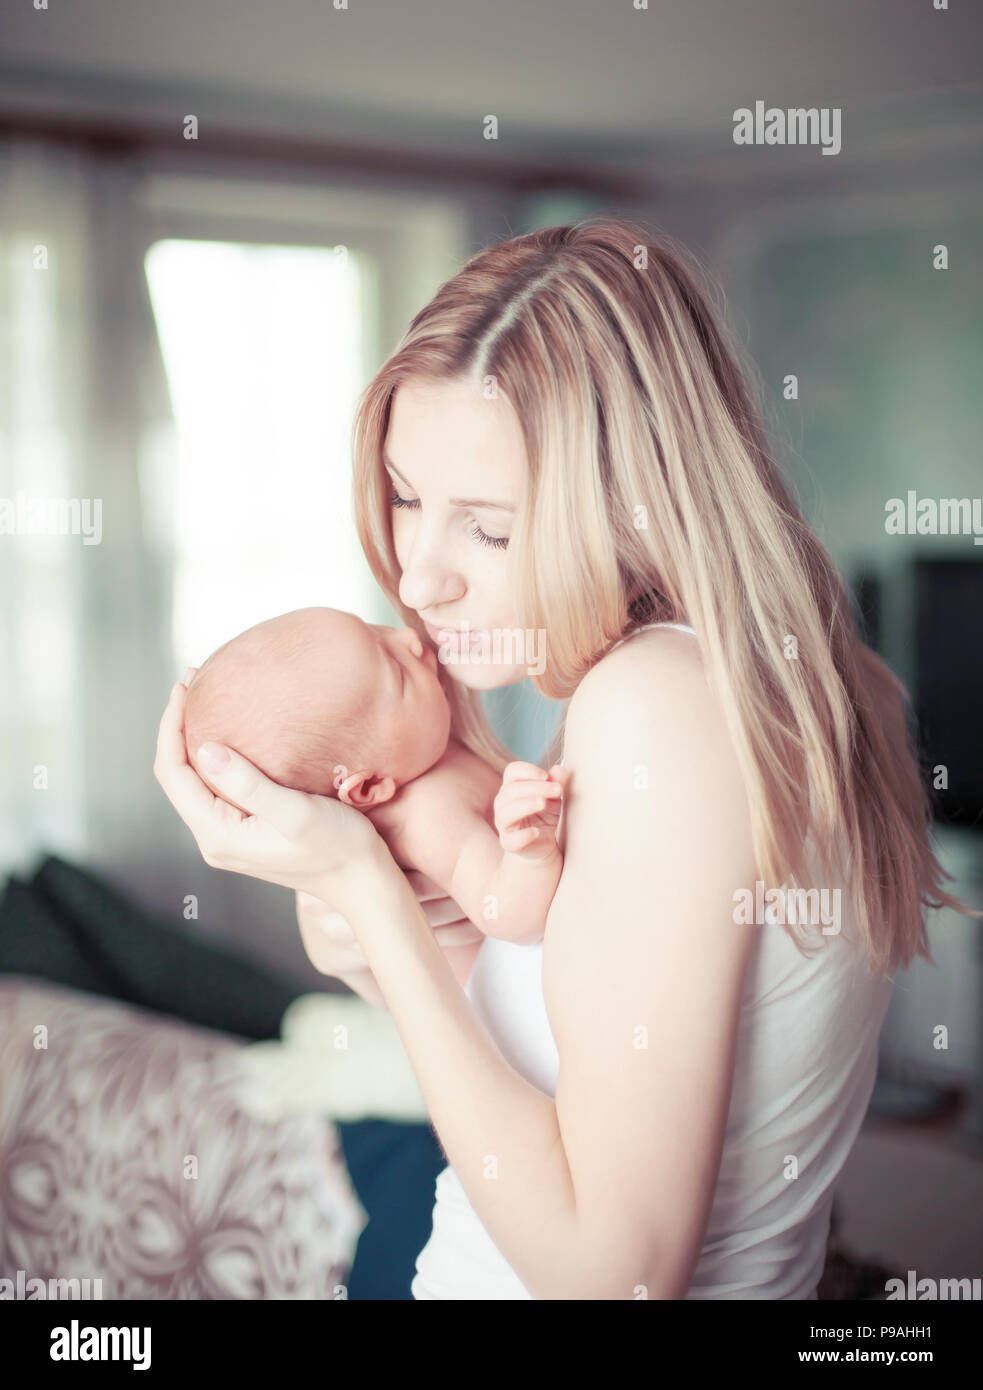 Felice madre tenendo un neonato Immagini Stock